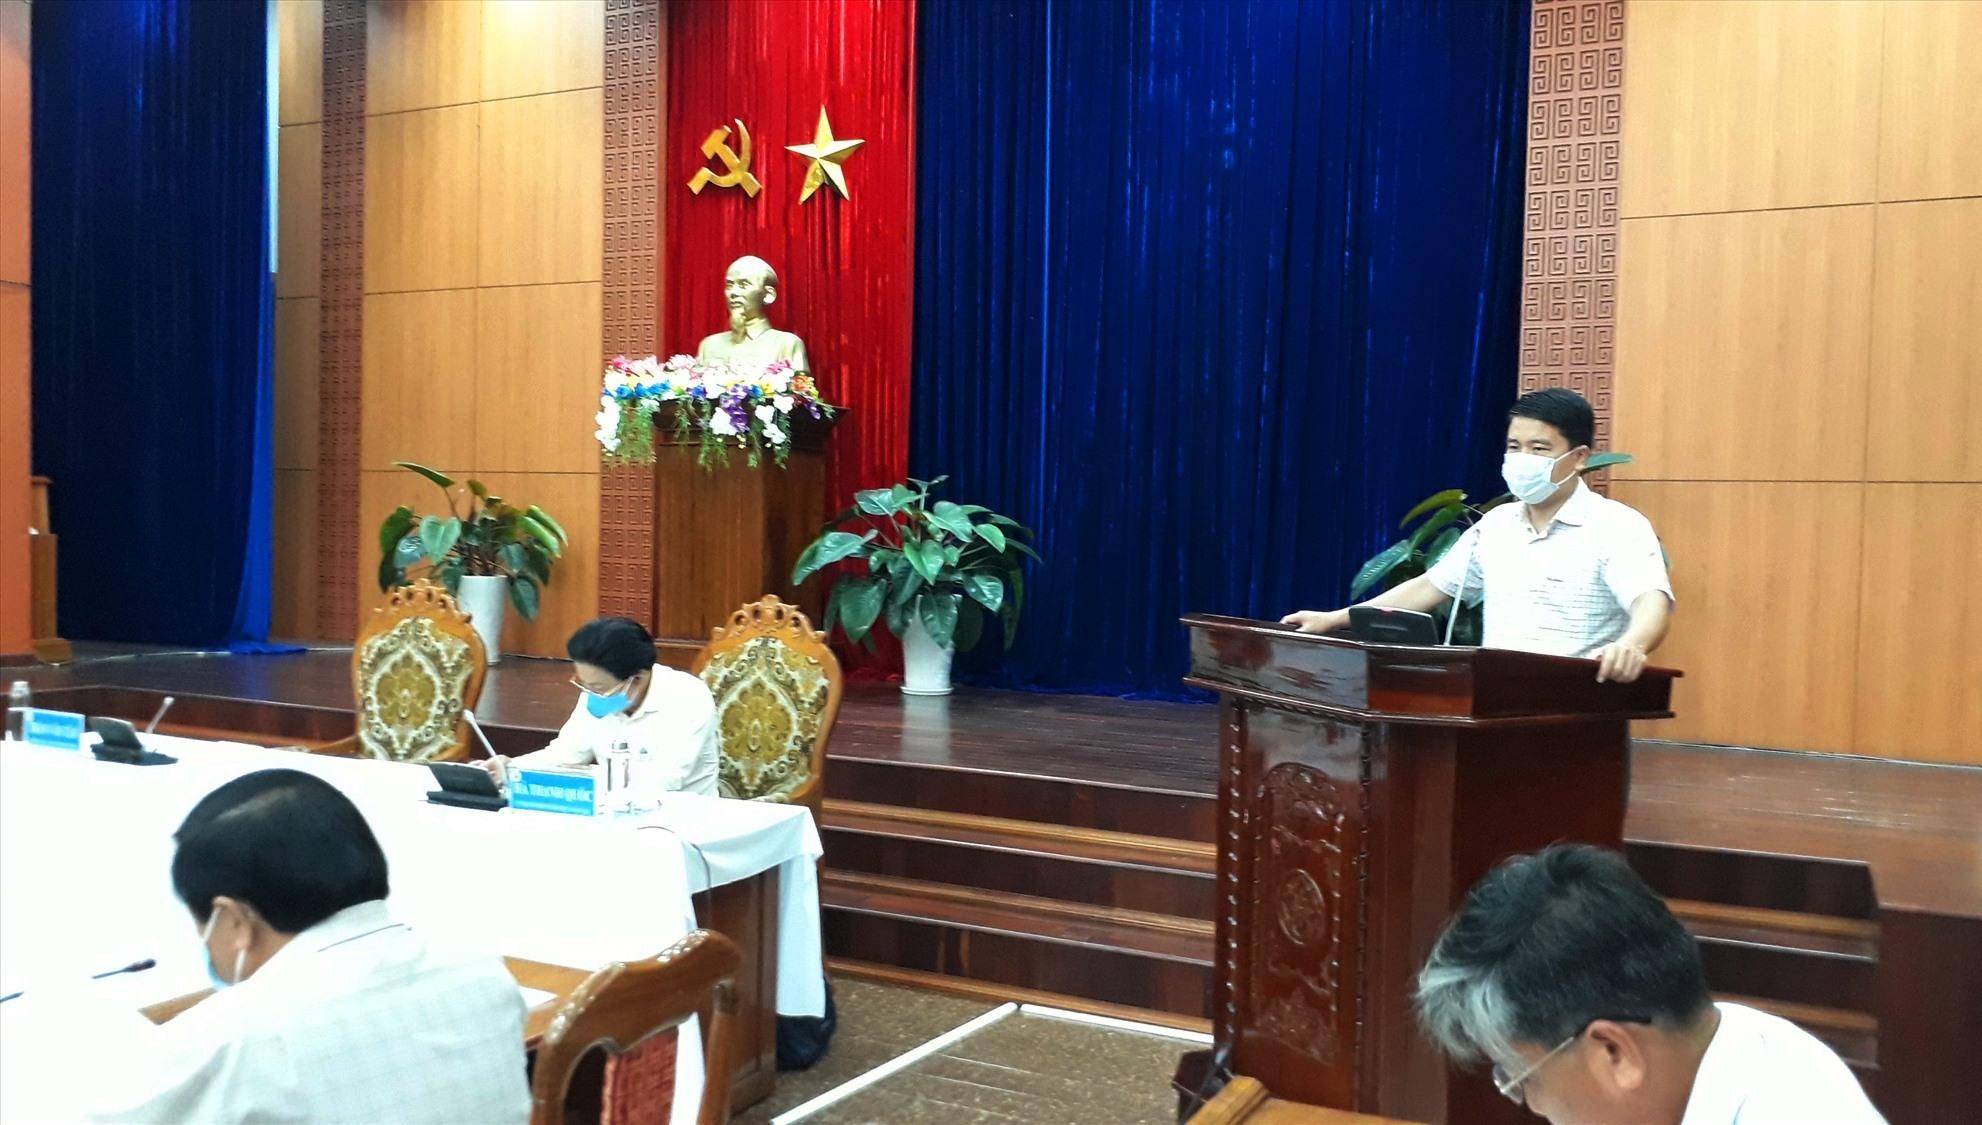 Phó Chủ tịch UBND tỉnh Trần Văn Tân khai mạc hội nghị. Ảnh: X.P